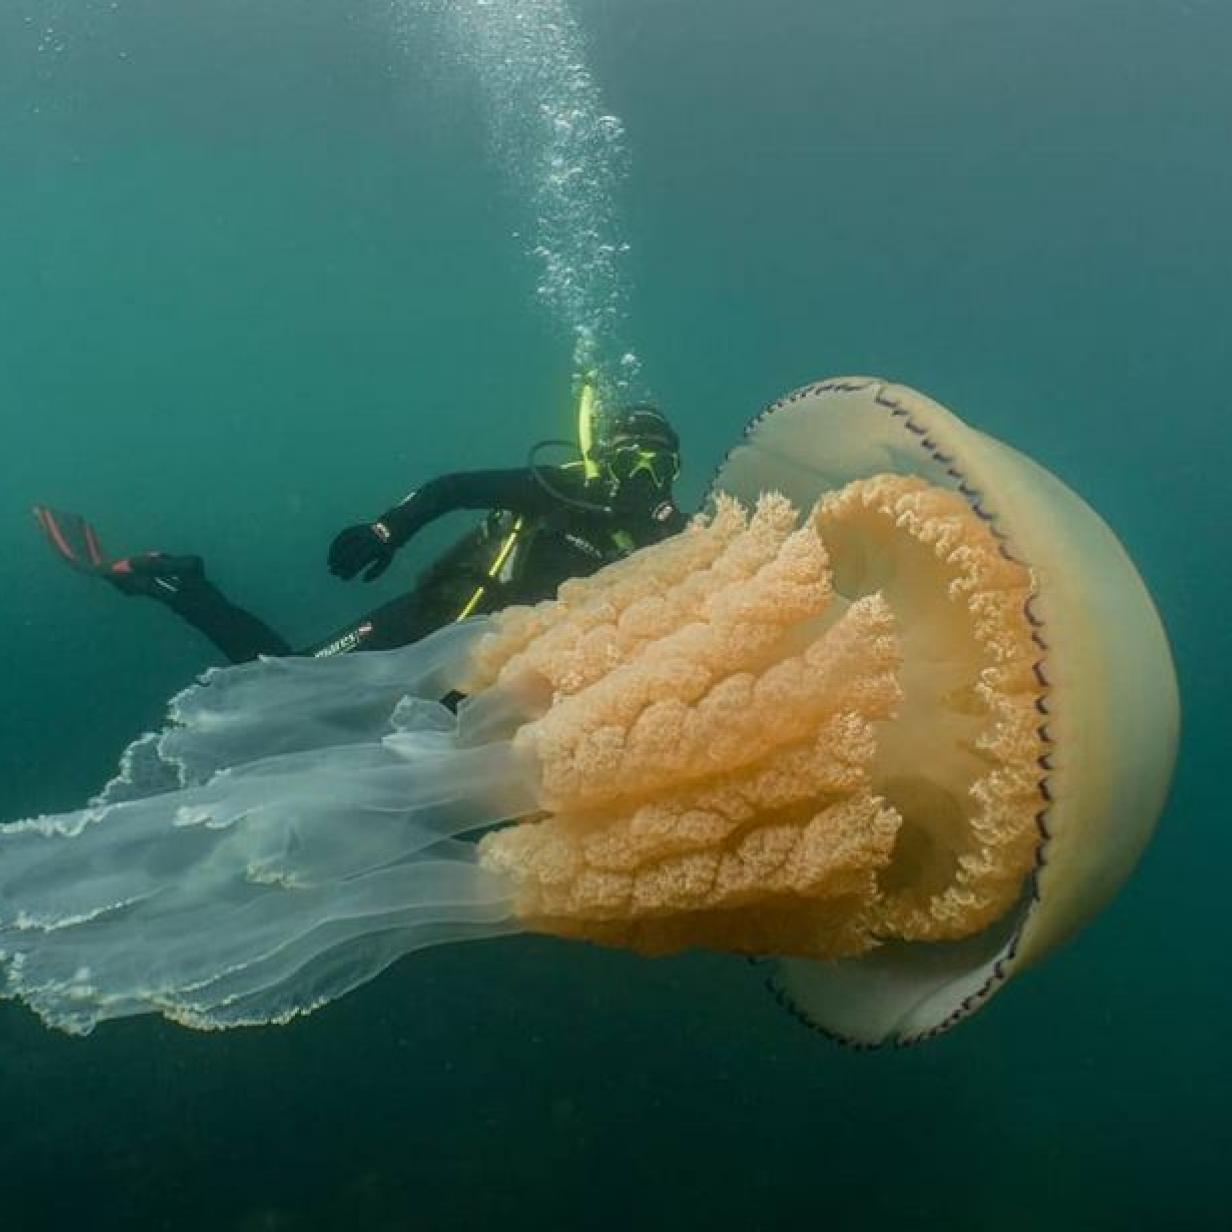 So groß wie ein Mensch: Britische Biologin taucht mit Riesenqualle